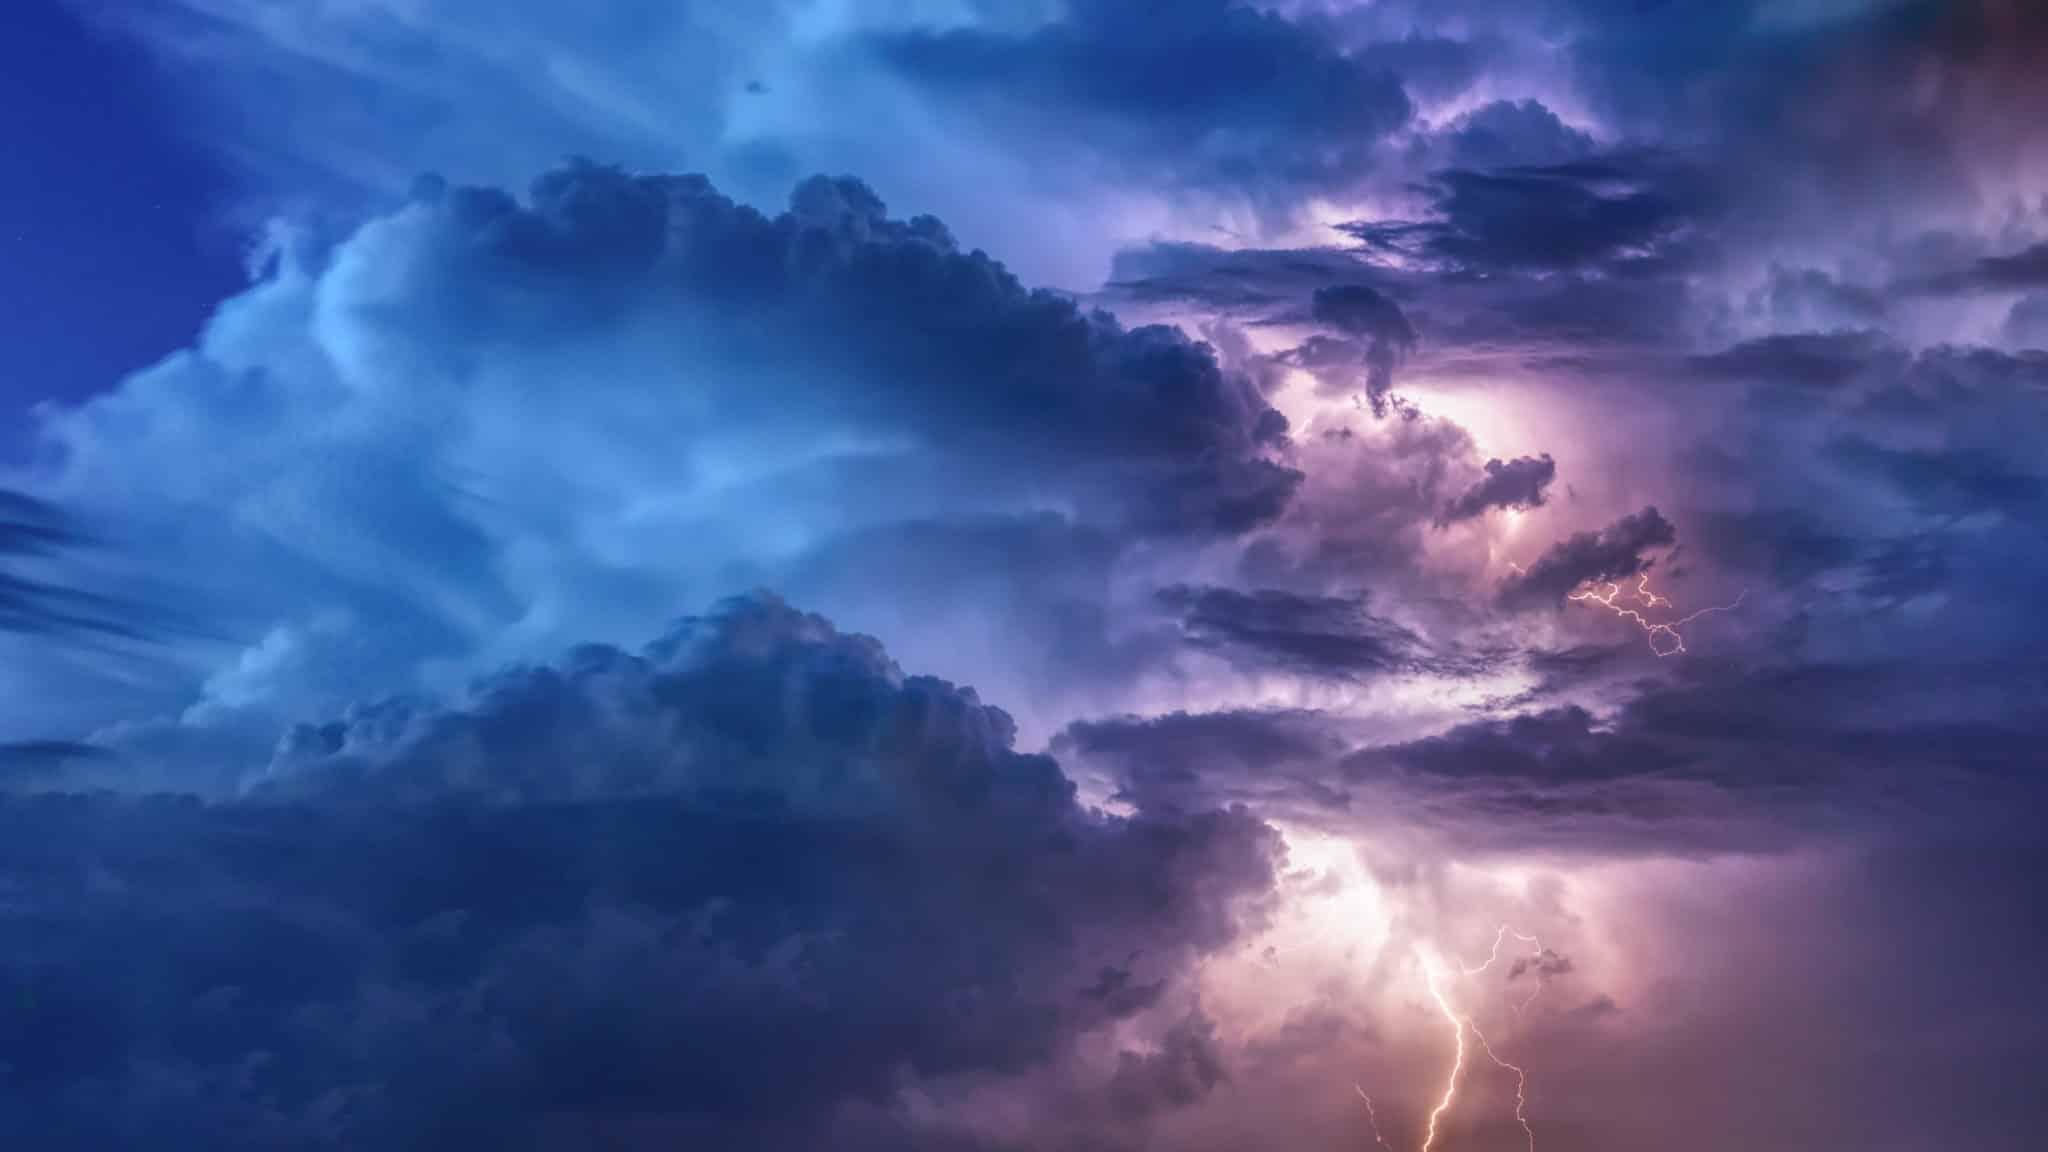 Le Cloud Computing est une technologie de plus en plus populaire, mais comporte aussi des inconvénients et des secrets inavouables...